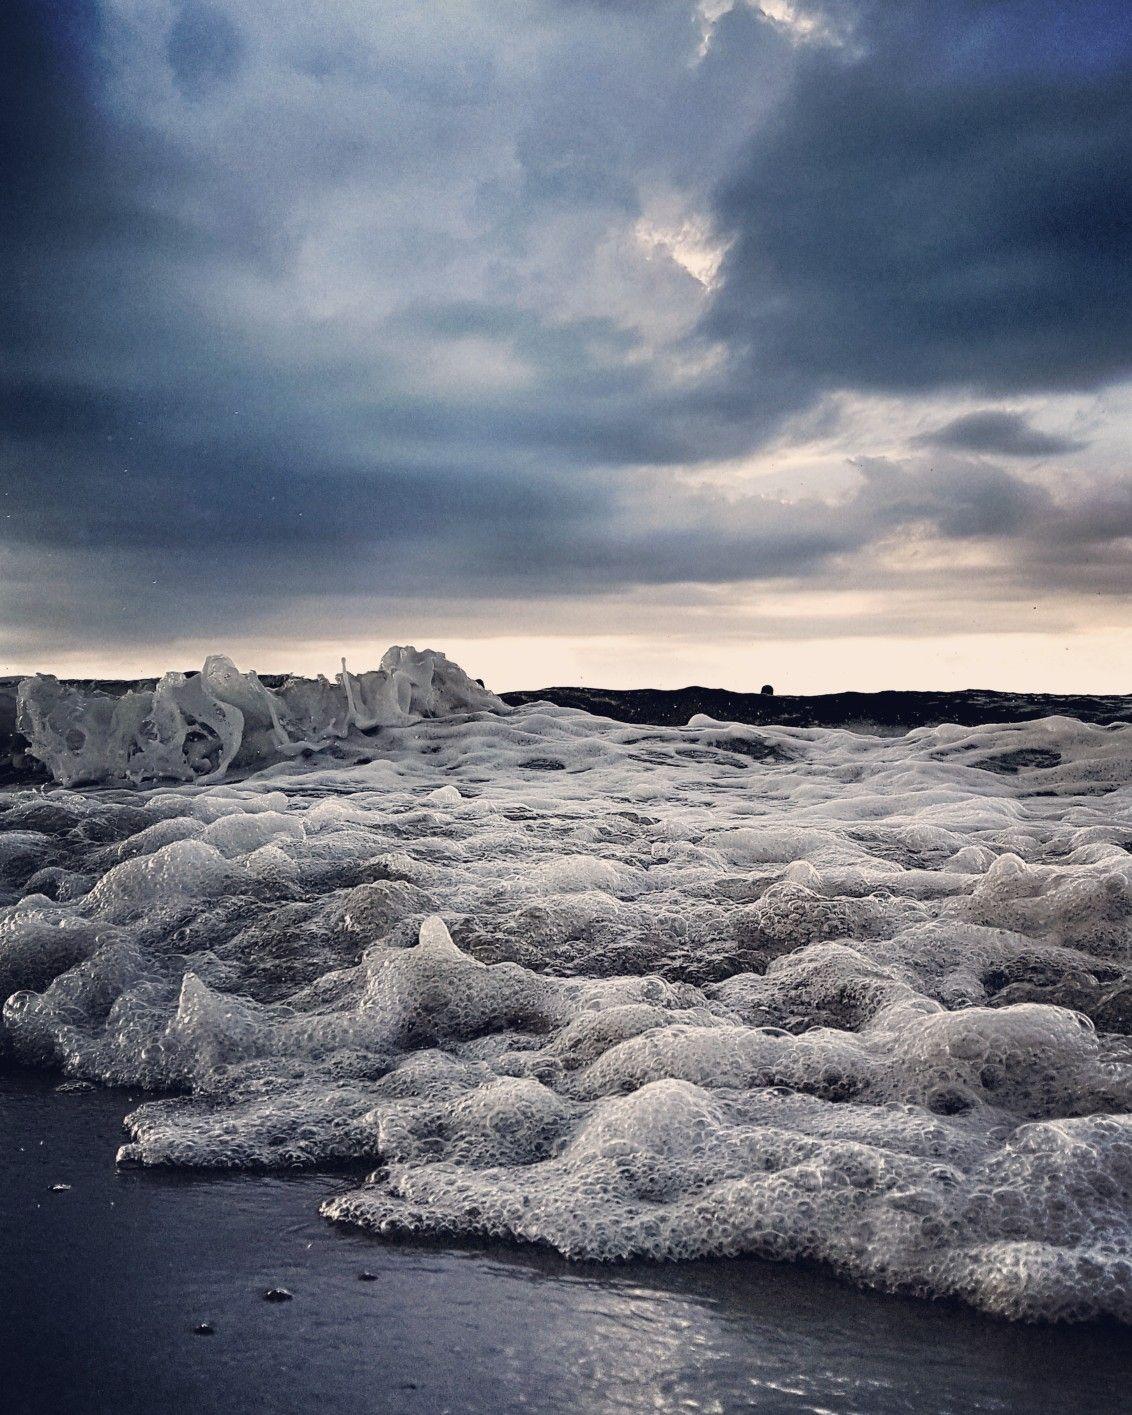 Sea and Clouds, Instagram @Juannumero12